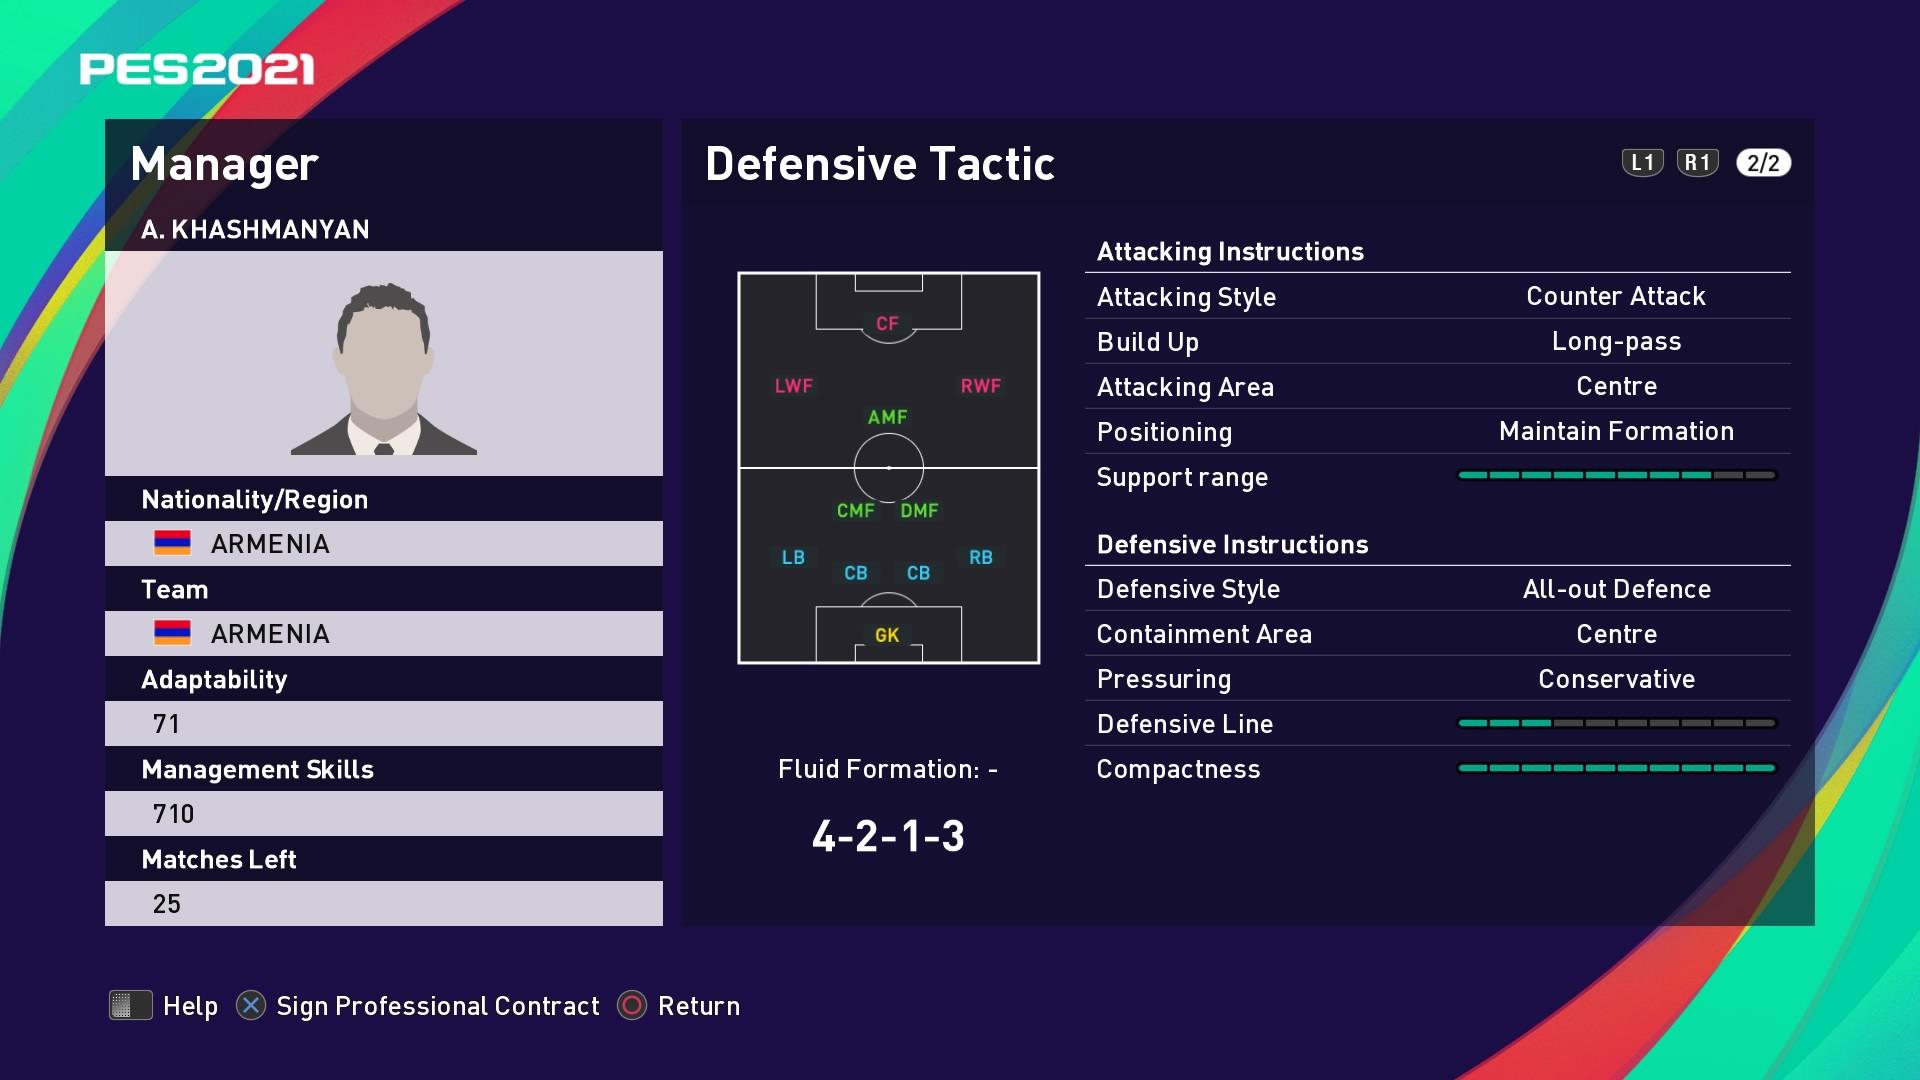 A. Khashmanyan (Abraham Khashmanyan) Defensive Tactic in PES 2021 myClub